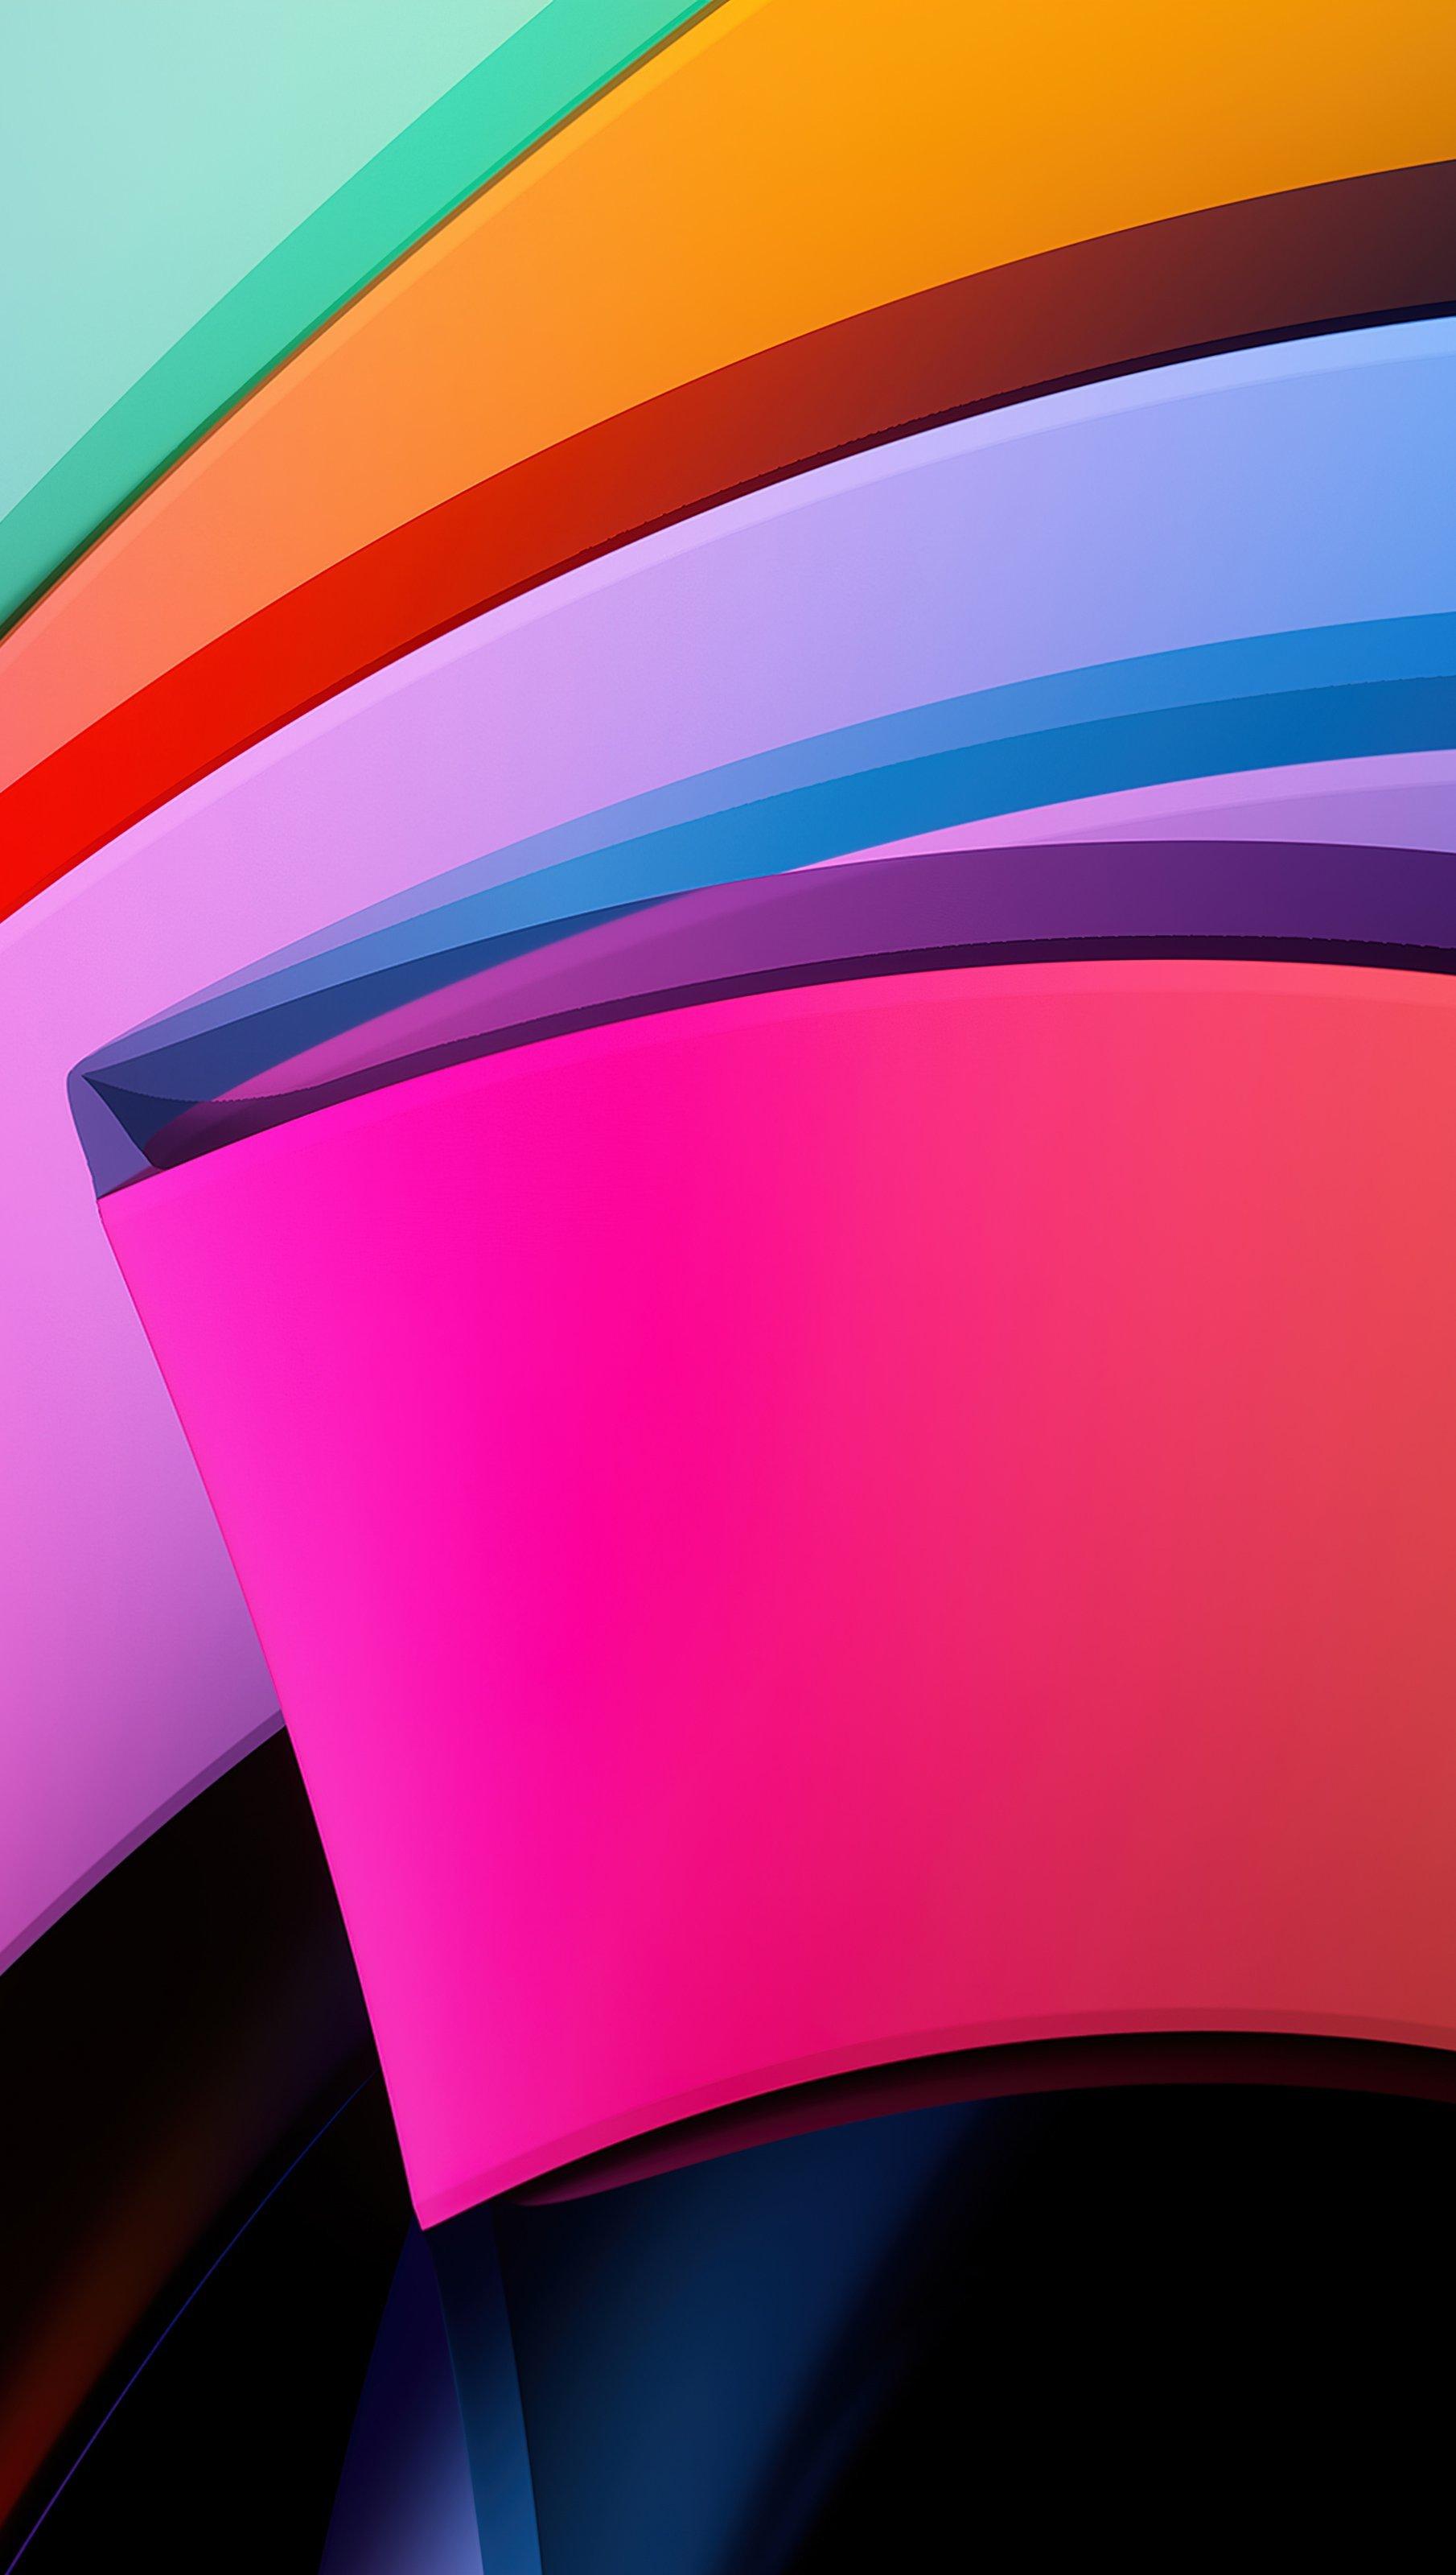 Fondos de pantalla Bloques de colores Vertical